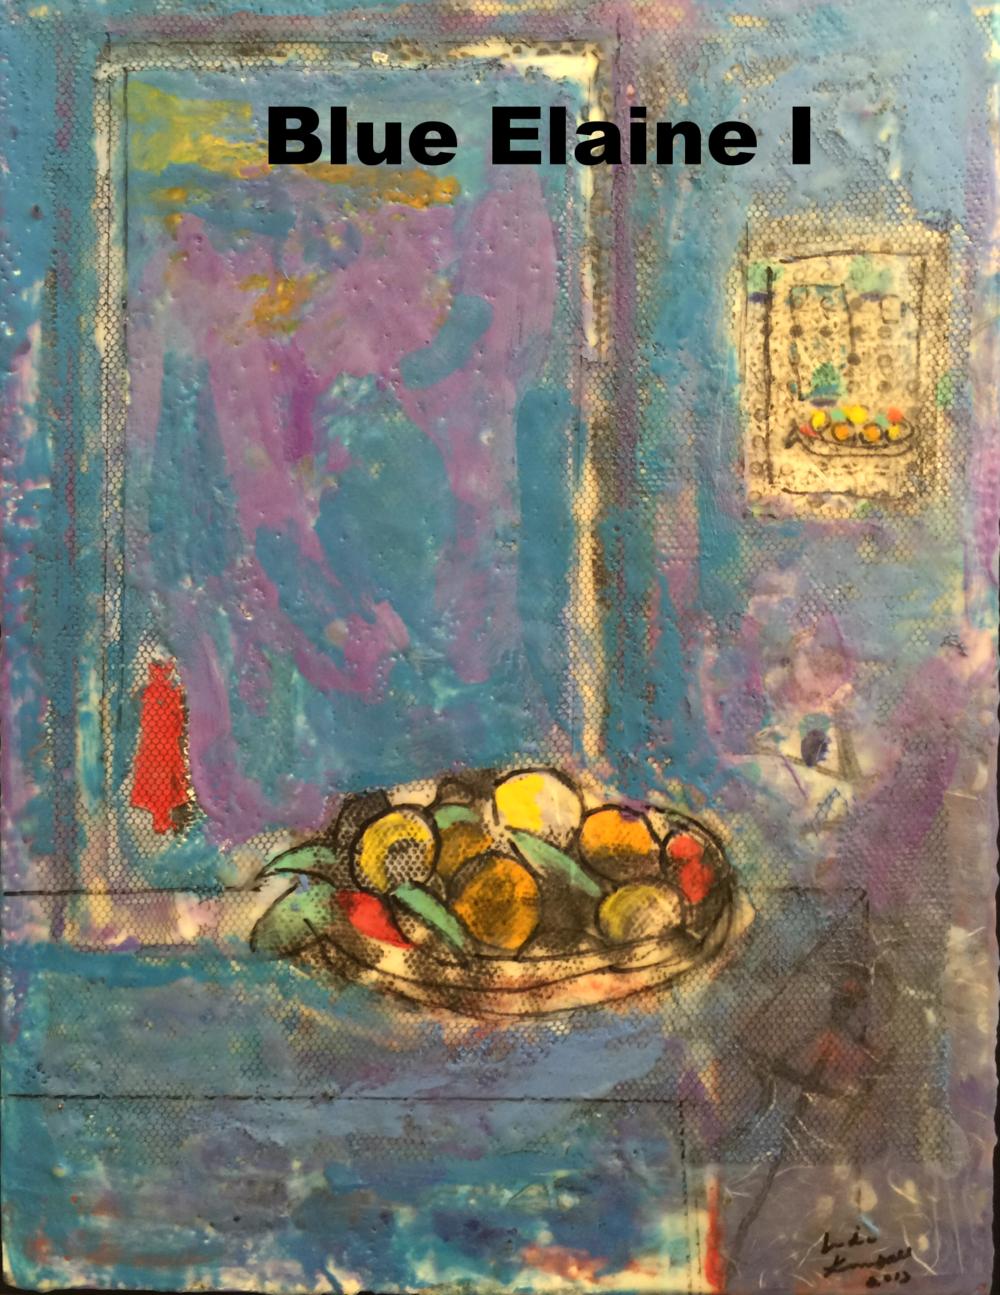 Blue Elaine I